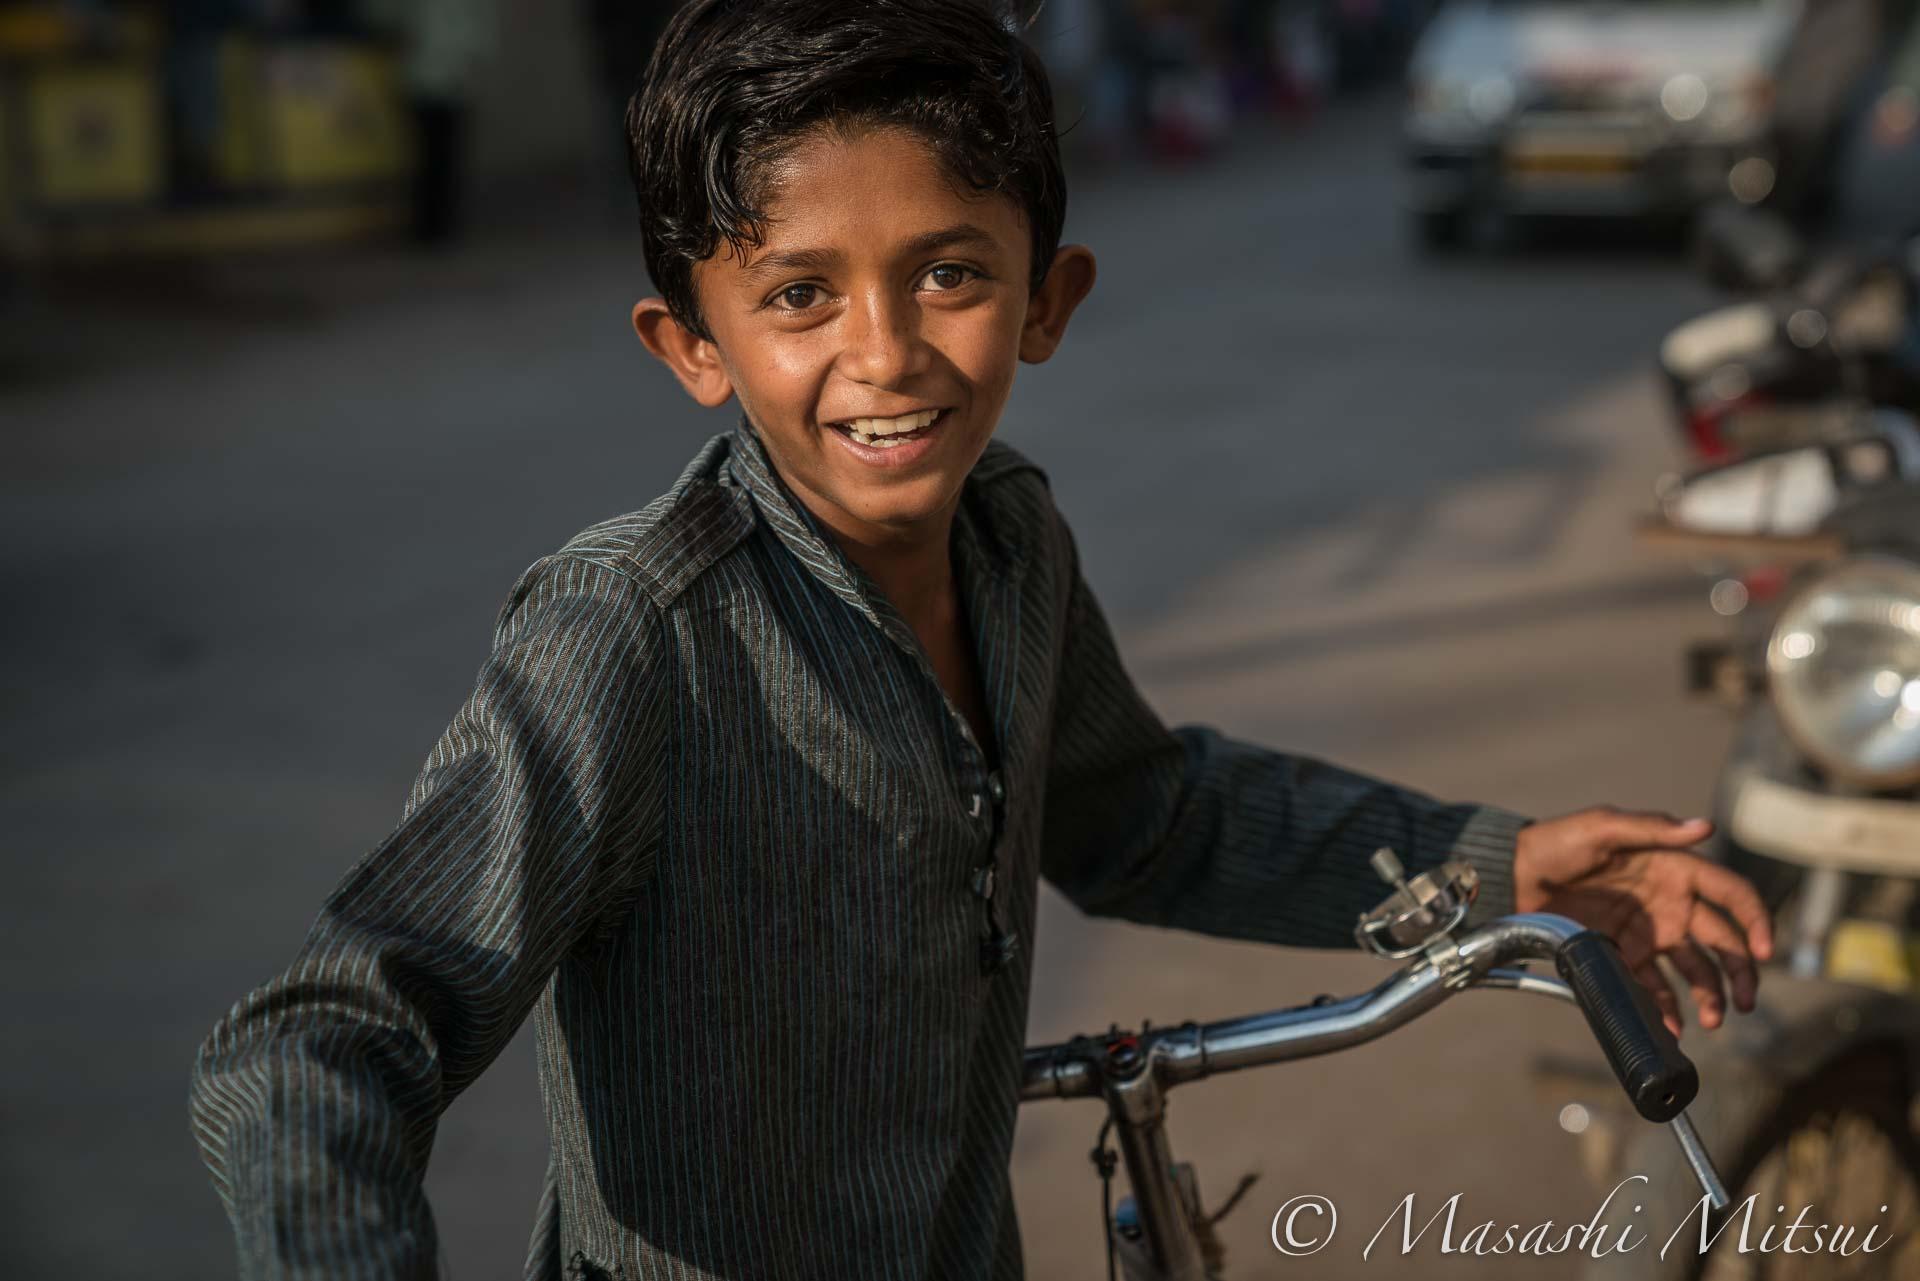 india17-35326